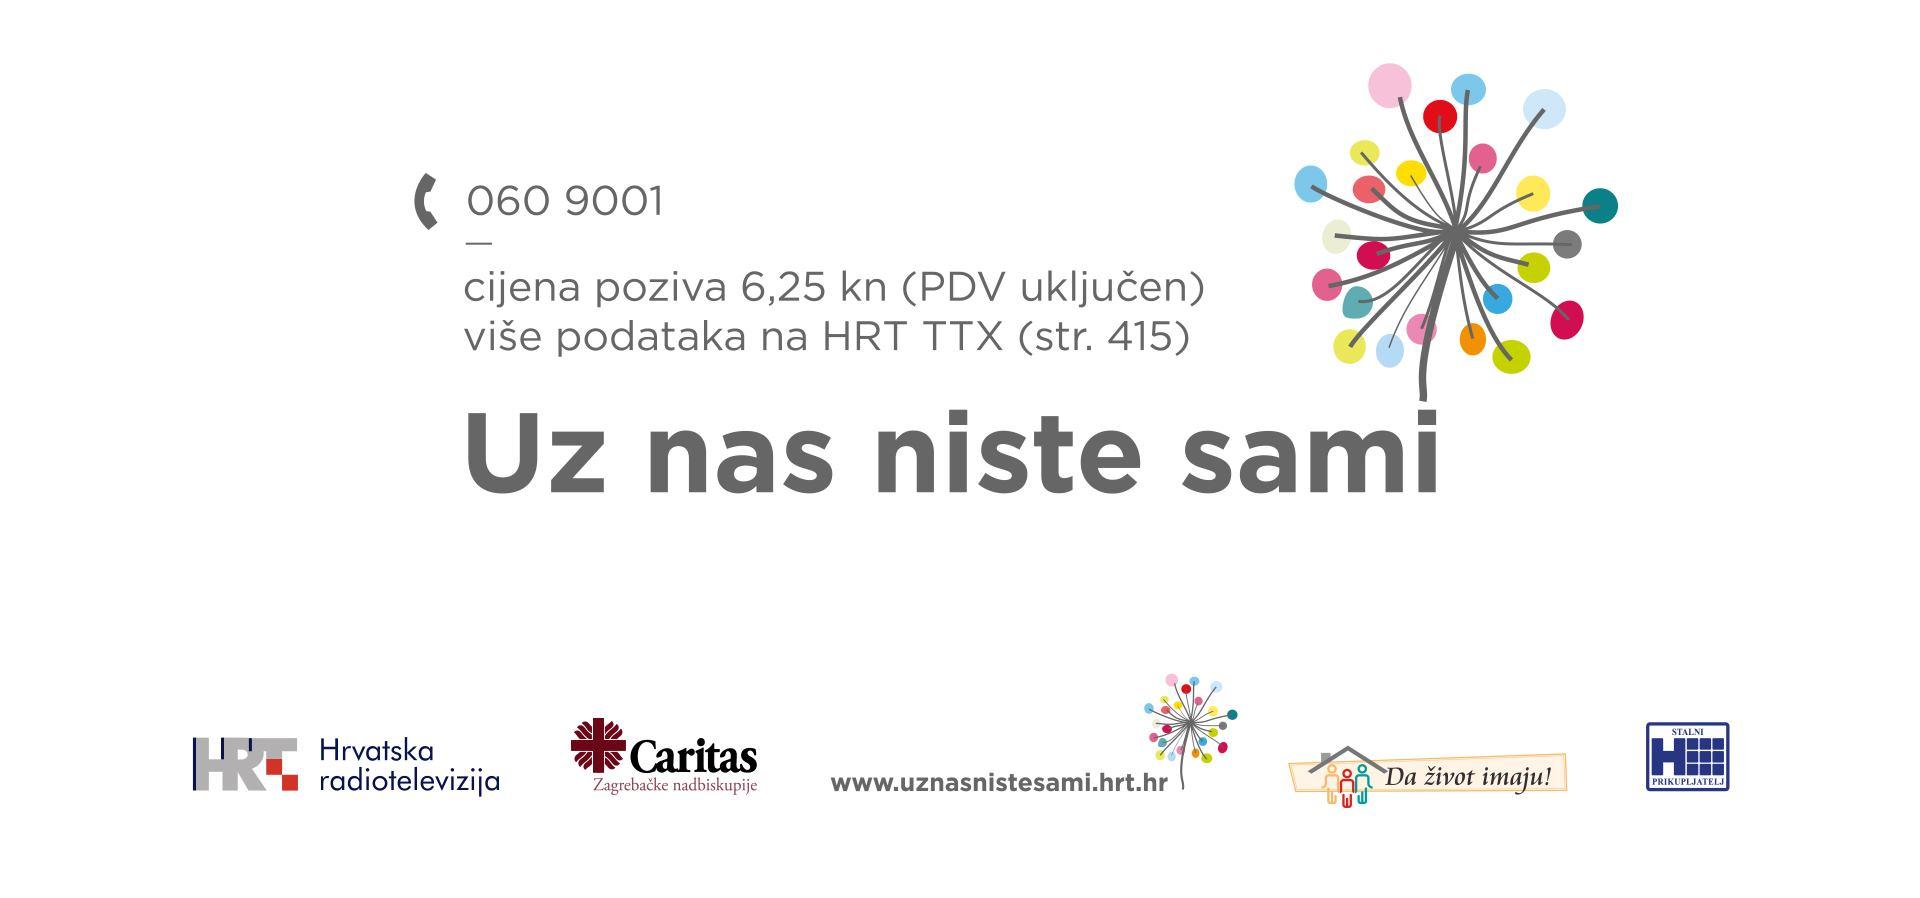 Na Hrvatskoj radioteleviziji počinje humanitarni tjedan posvećen Caritasovoj humanitarnoj akciji